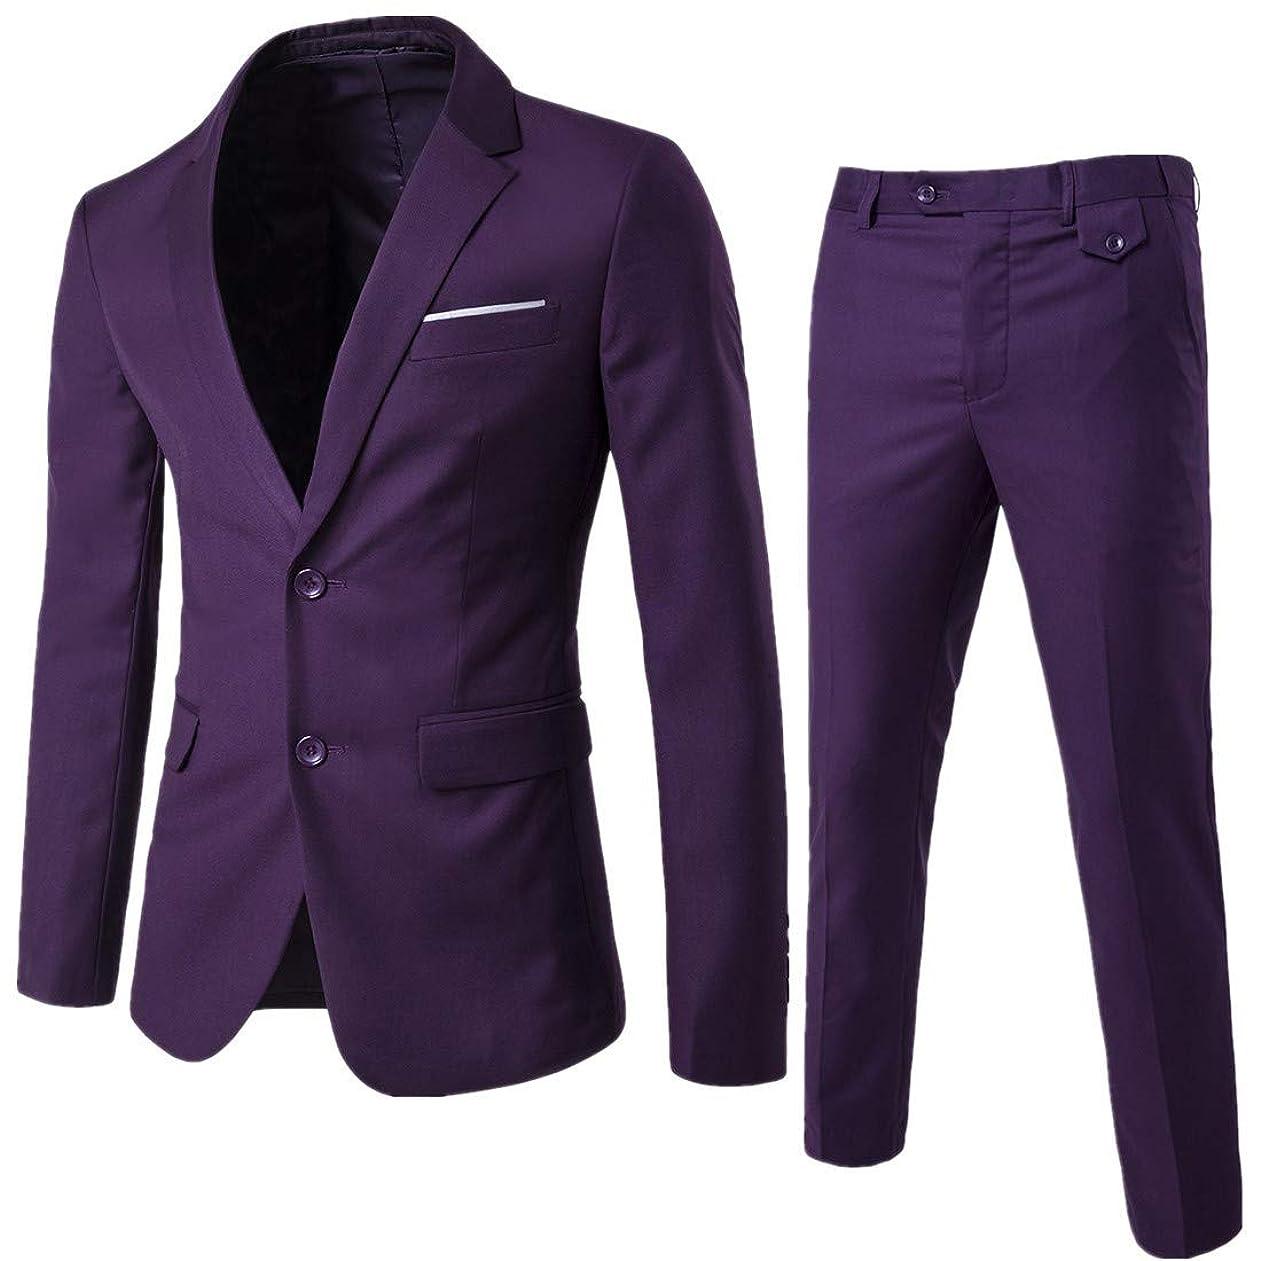 局実り多いエレメンタルWEEN CHARM メンズスーツ セットアップ 3ピース スリム ビジネス 結婚式 チェック柄 紺色